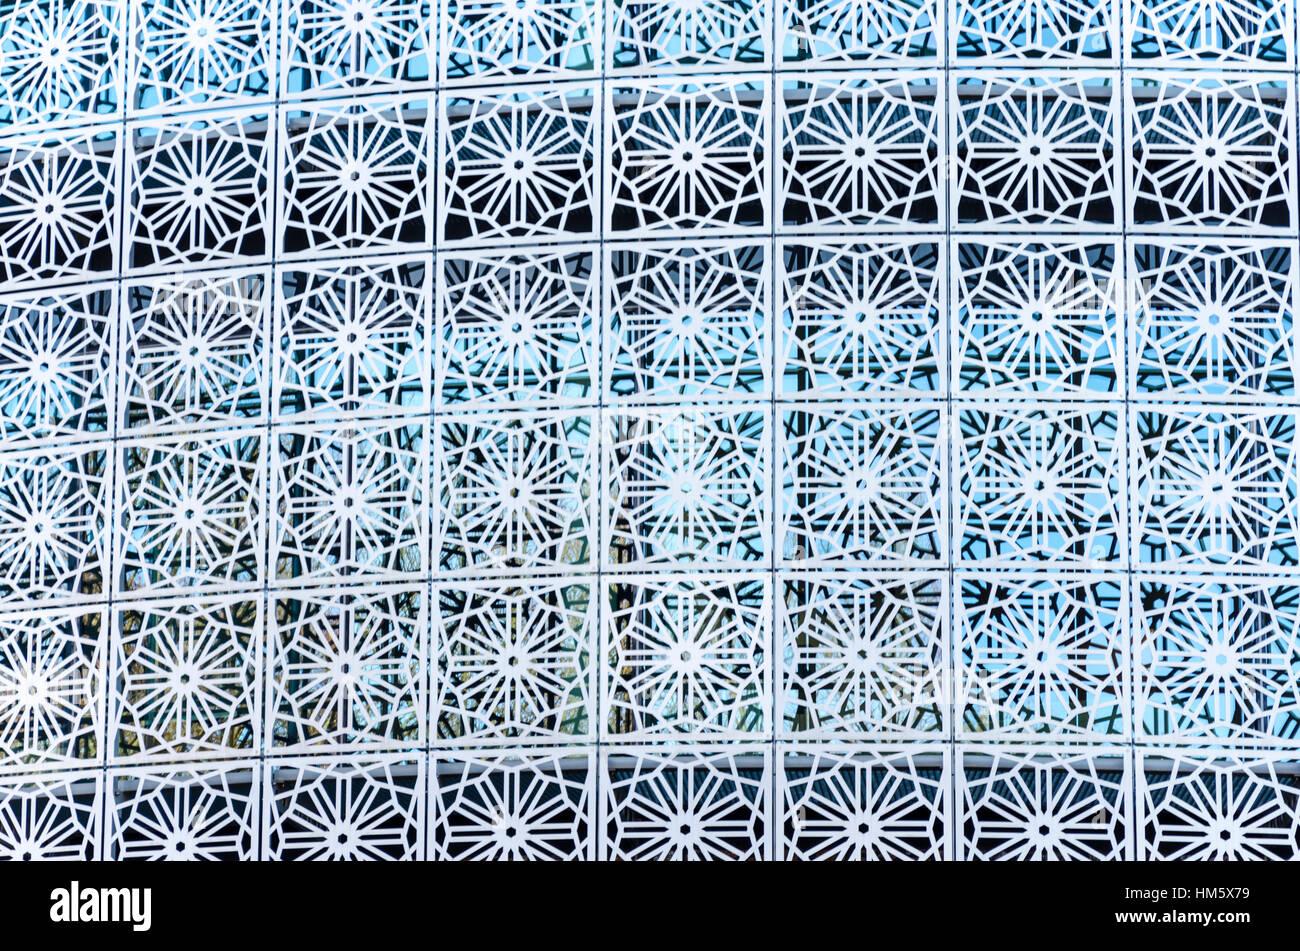 Dettaglio del design presso l' ambasciata del Regno di Arabia Saudita in Germania, Tiergartenstrasse, Berlino, Immagini Stock